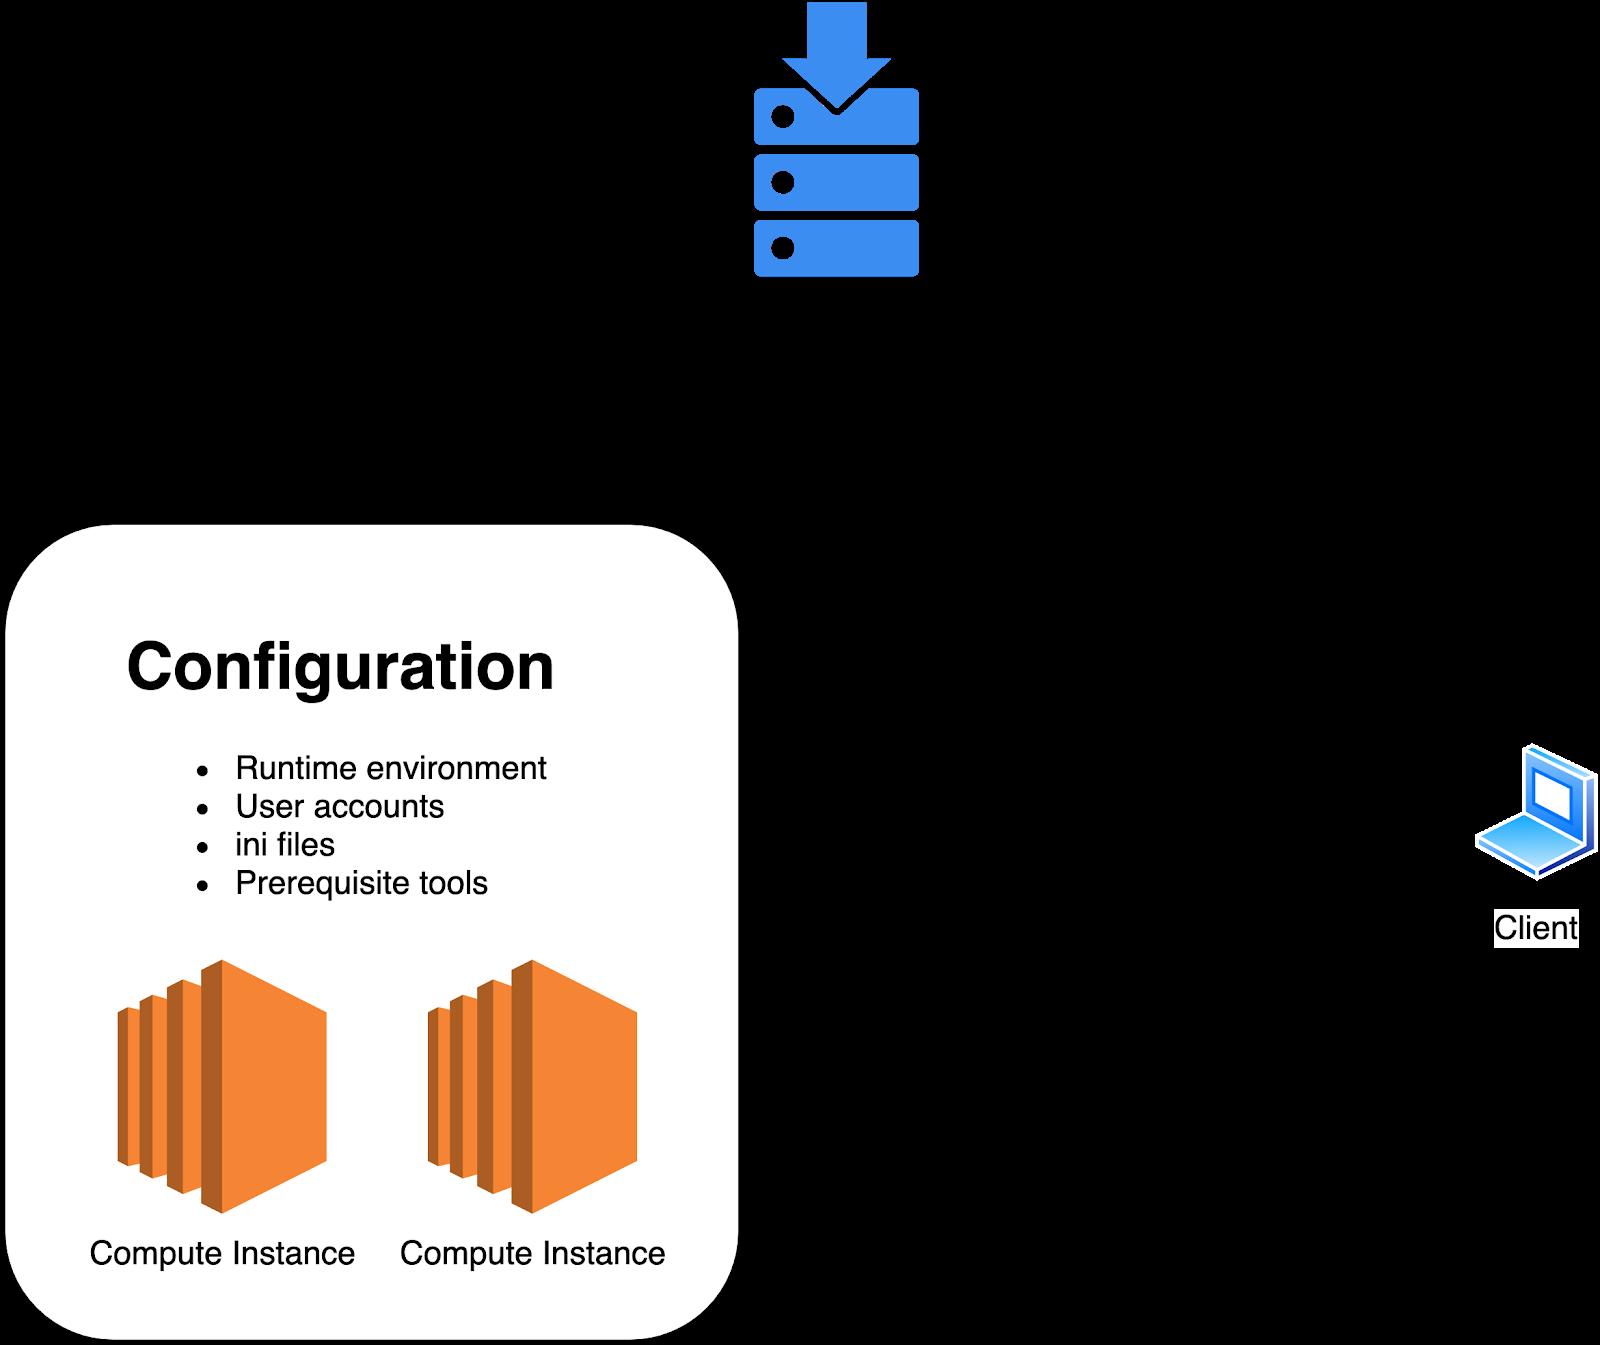 Kubernetes Configuration Management 101